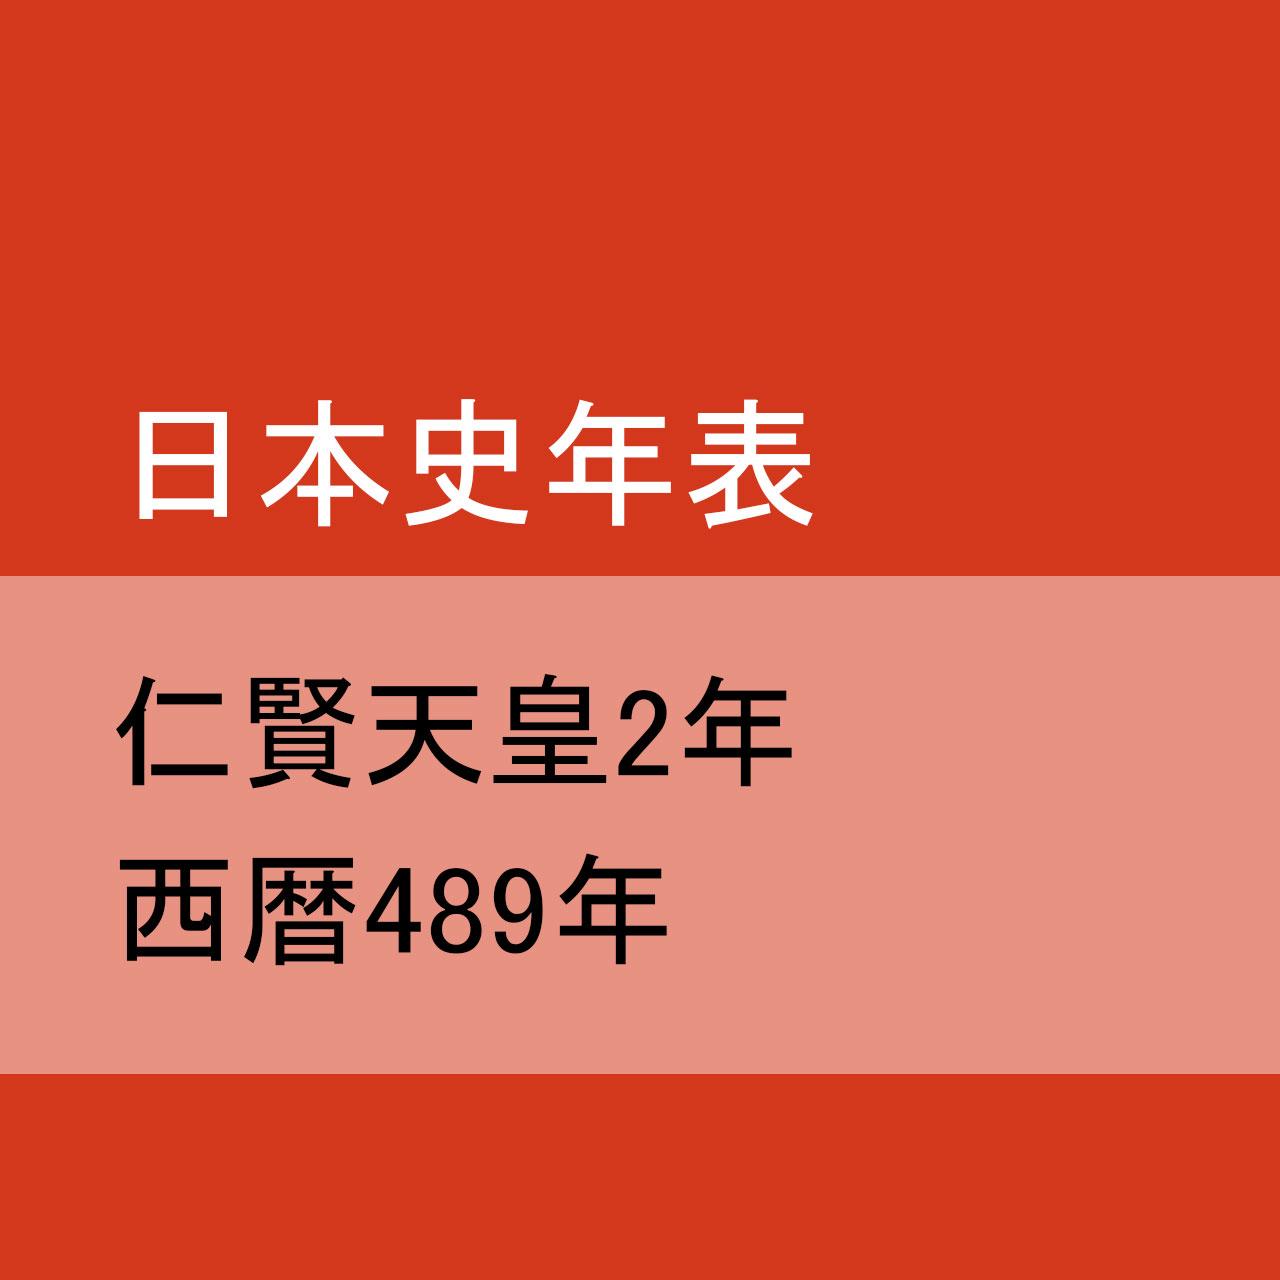 仁賢天皇2(489)年